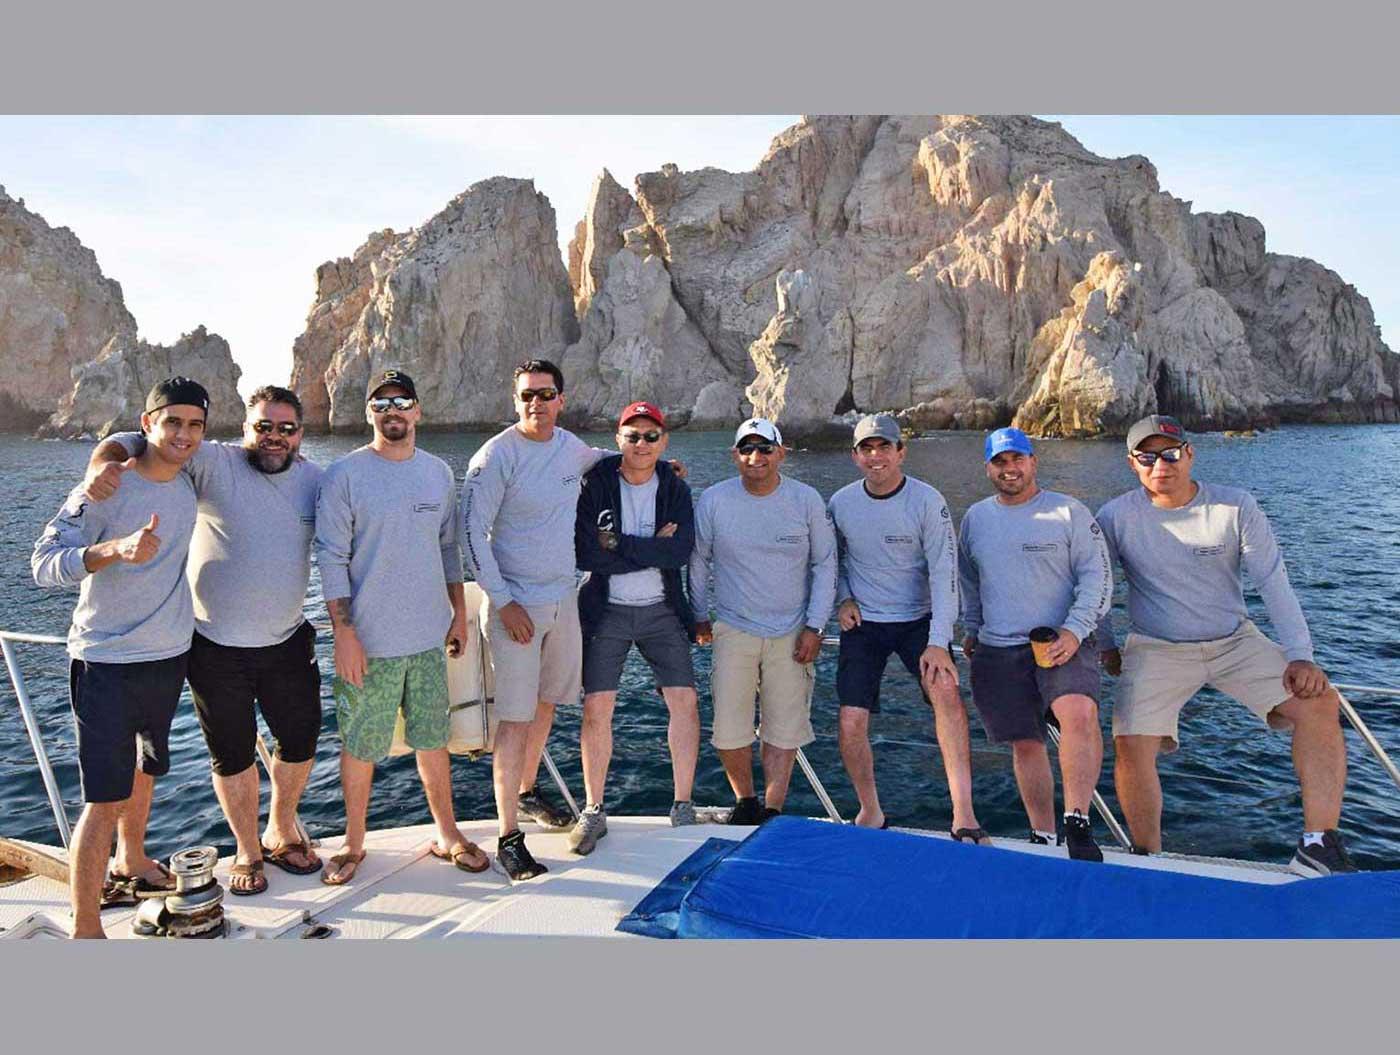 annual-fishing-trip-2019-bsp-62-1400-1055